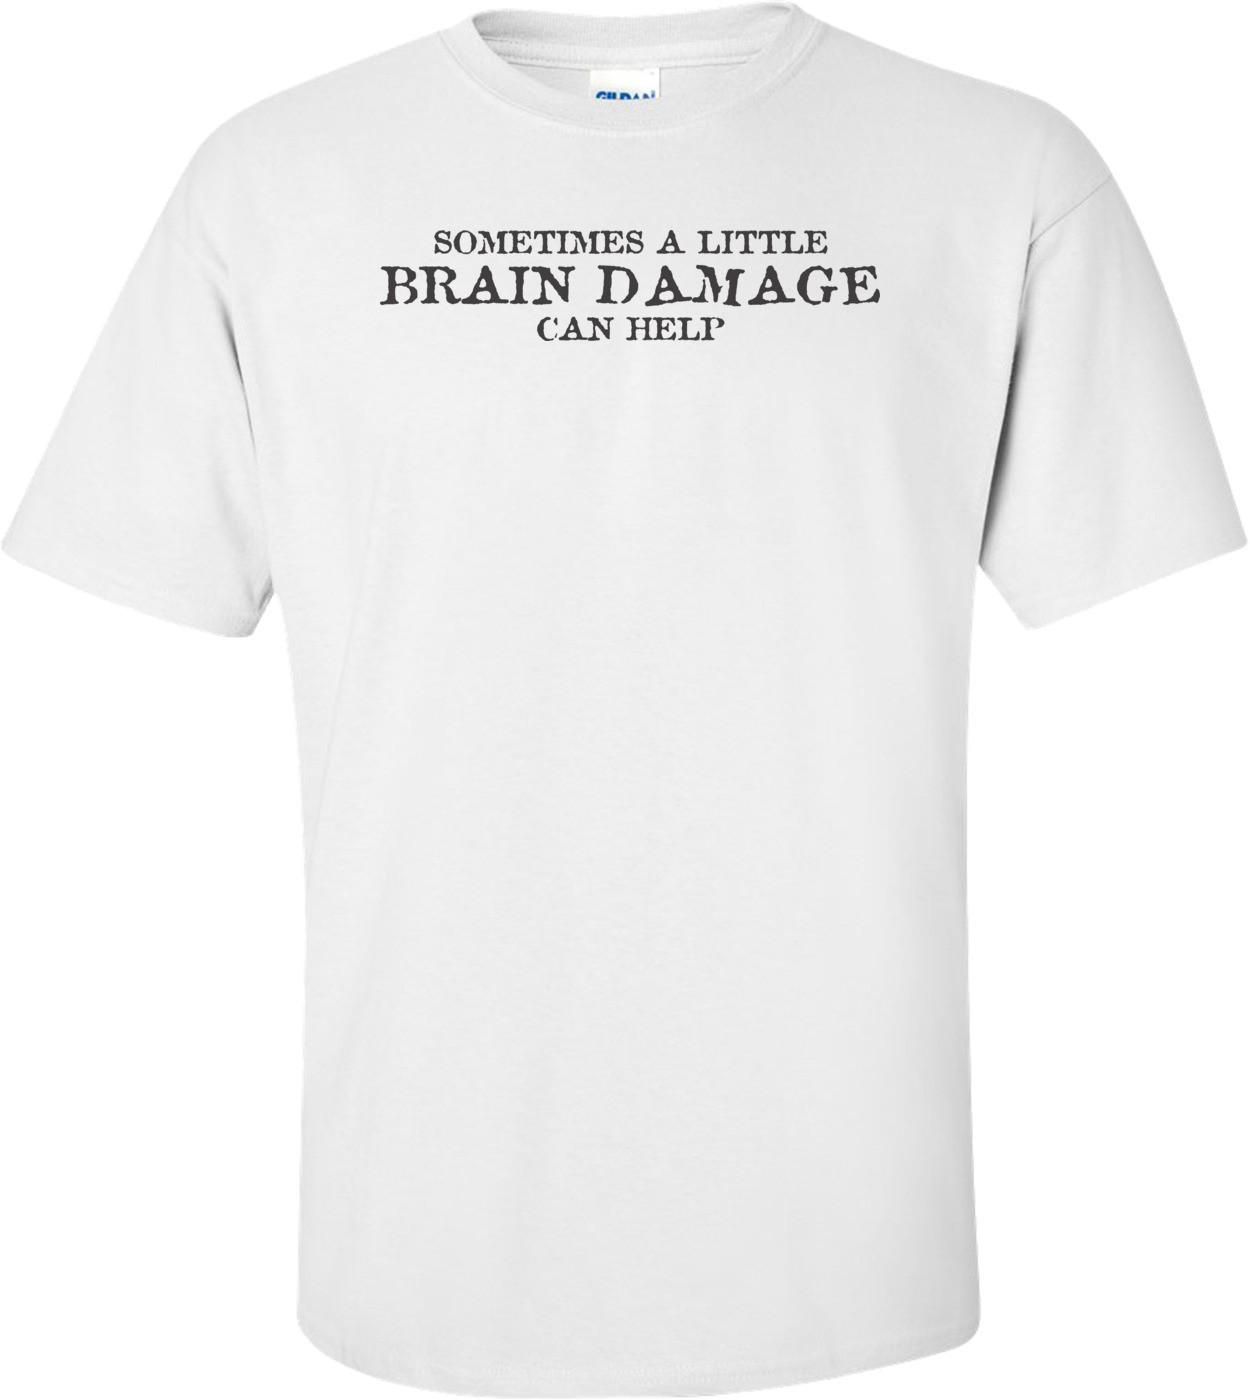 Sometimes A Little Brain Damage Can Help T-shirt